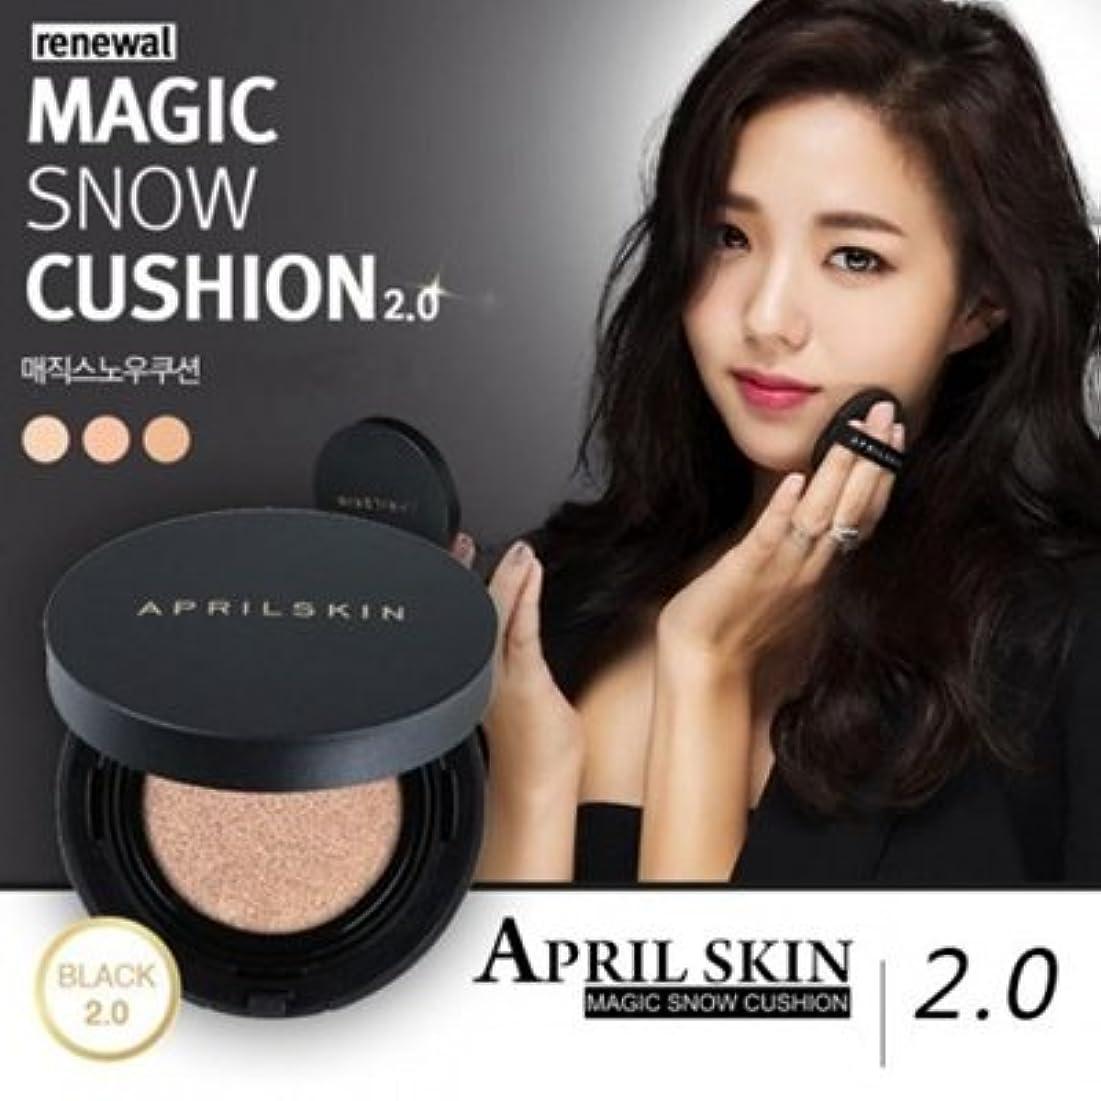 宅配便スパークネスト[April Skin]韓国クッション部門1位!NEW!!★Magic Snow Cushion Black 2.0★/w Gift Sample (#23 Natural Beige) [並行輸入品]